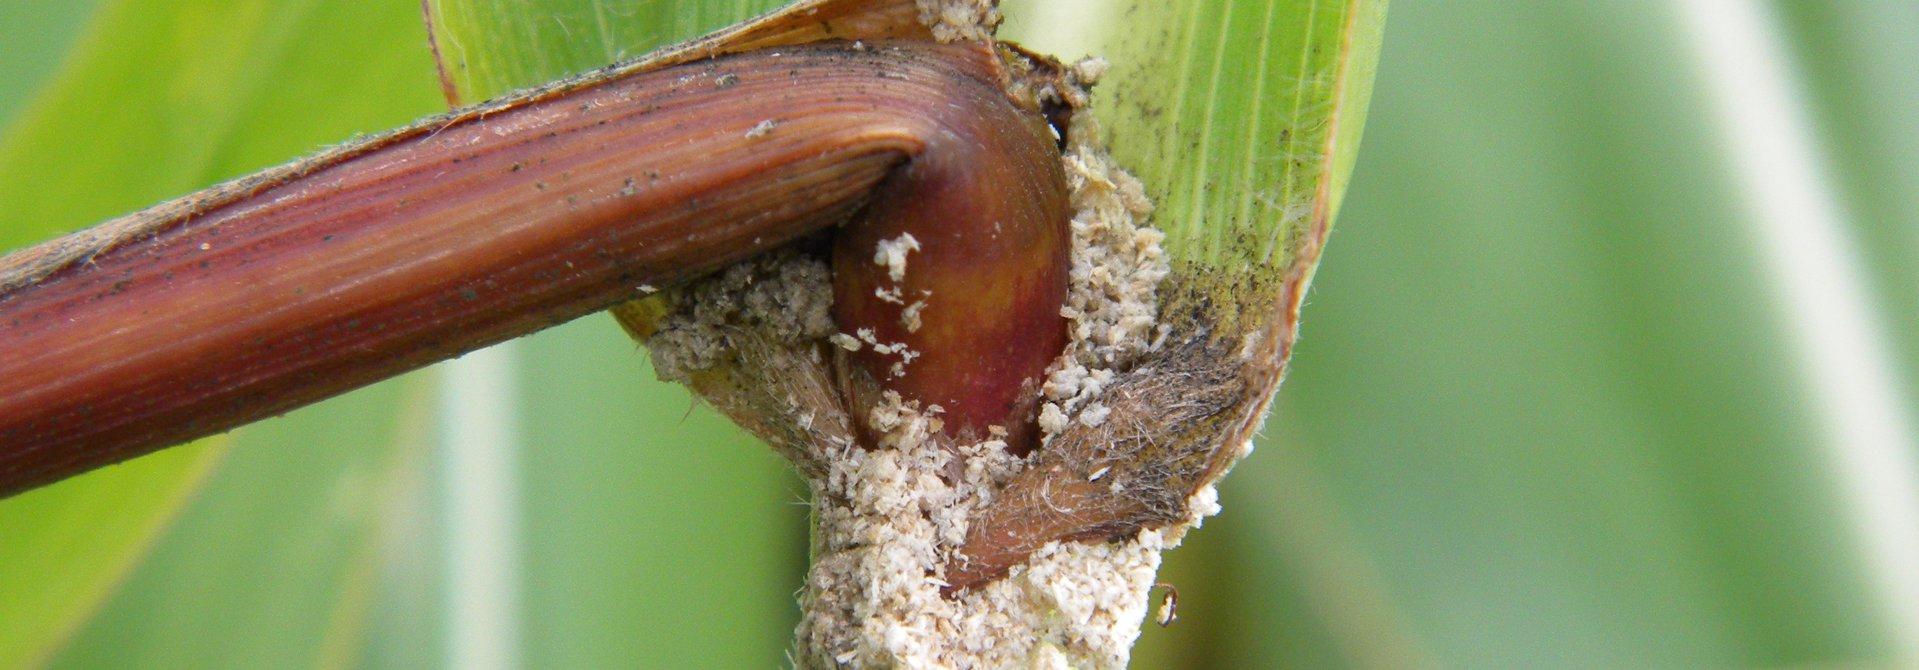 Bohrmehl in der Blattachsel deuten auf Maiszu00fcnslerlarven hin>